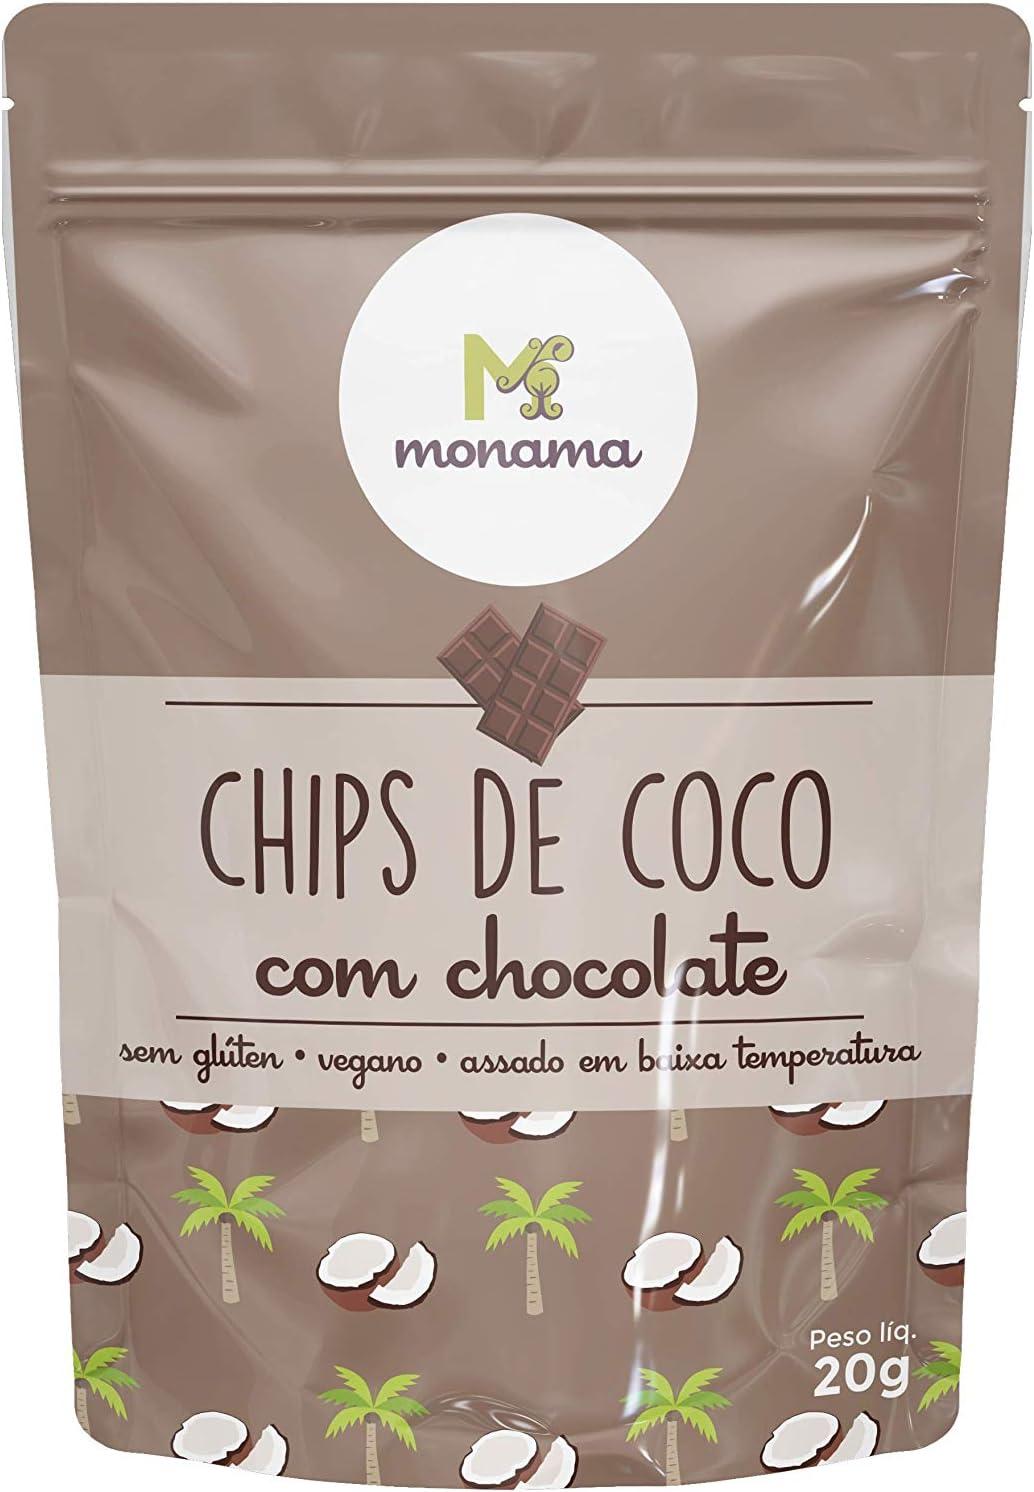 Chips de Coco com Chocolate Monama 20g